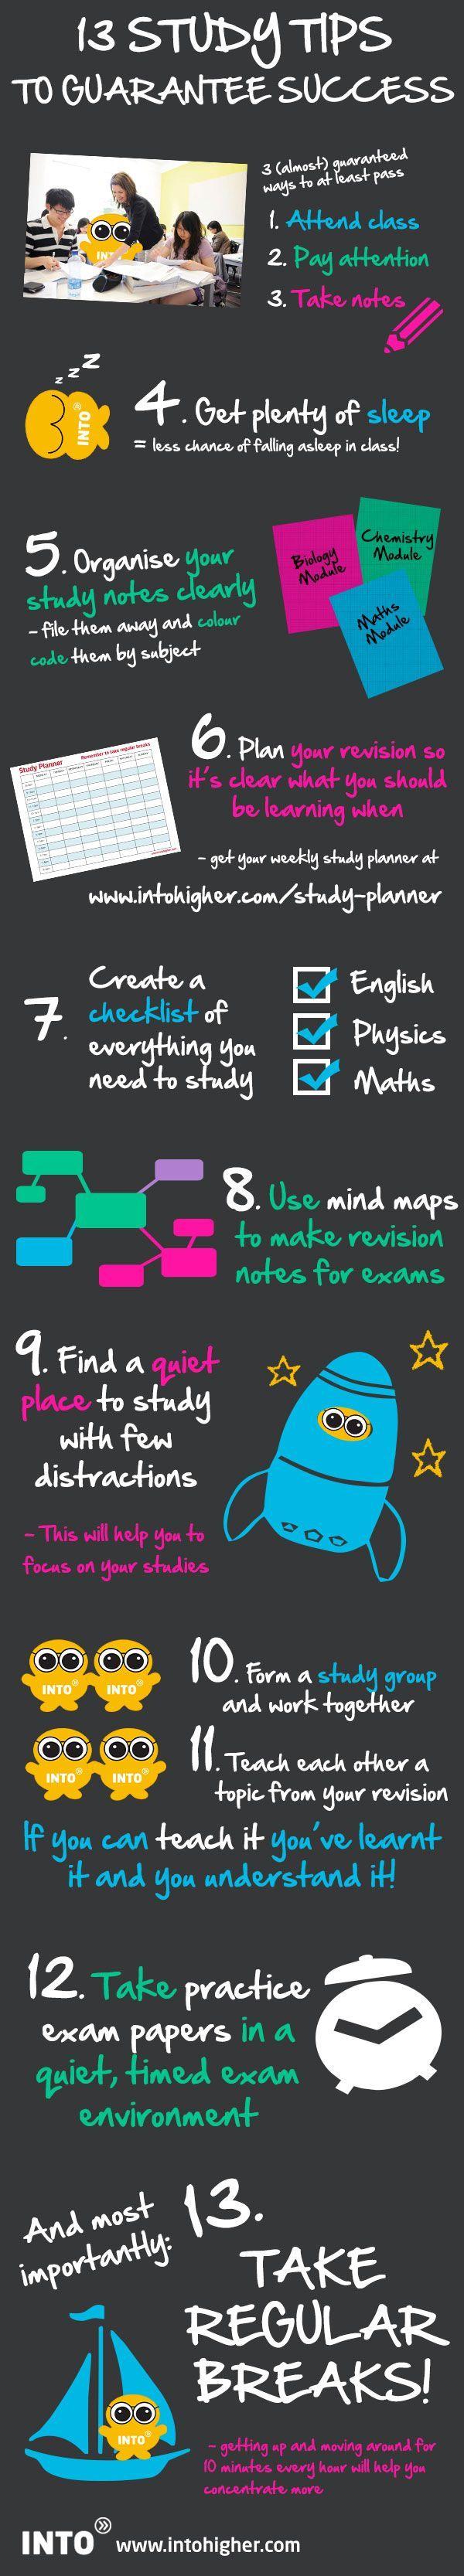 Study Management Techniques